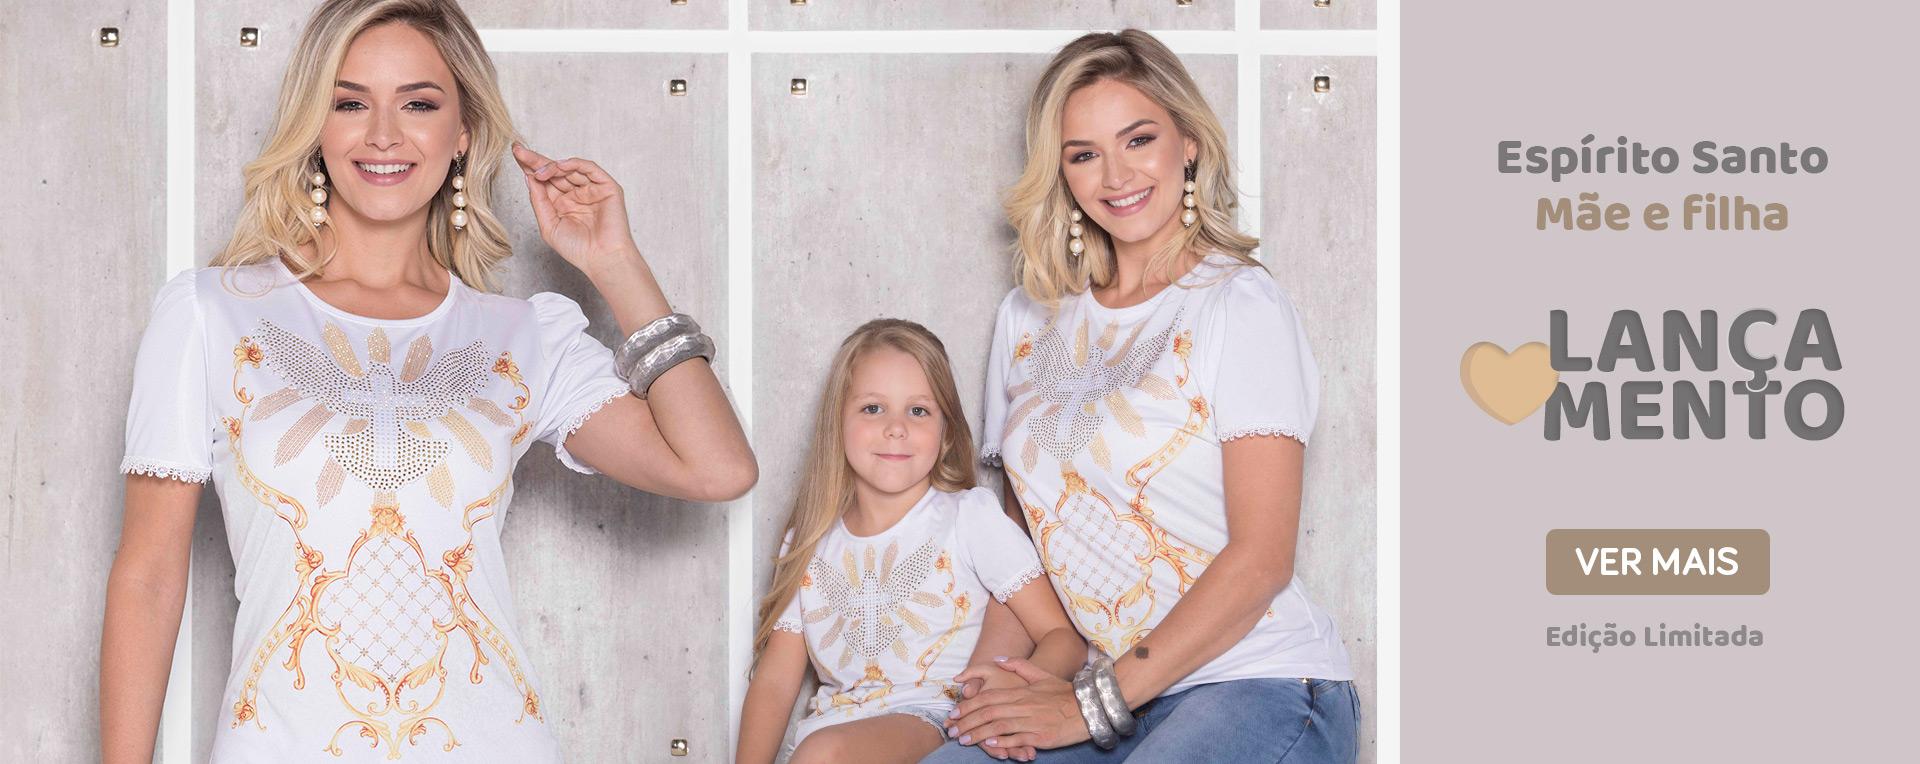 Lançamento Mãe e Filha